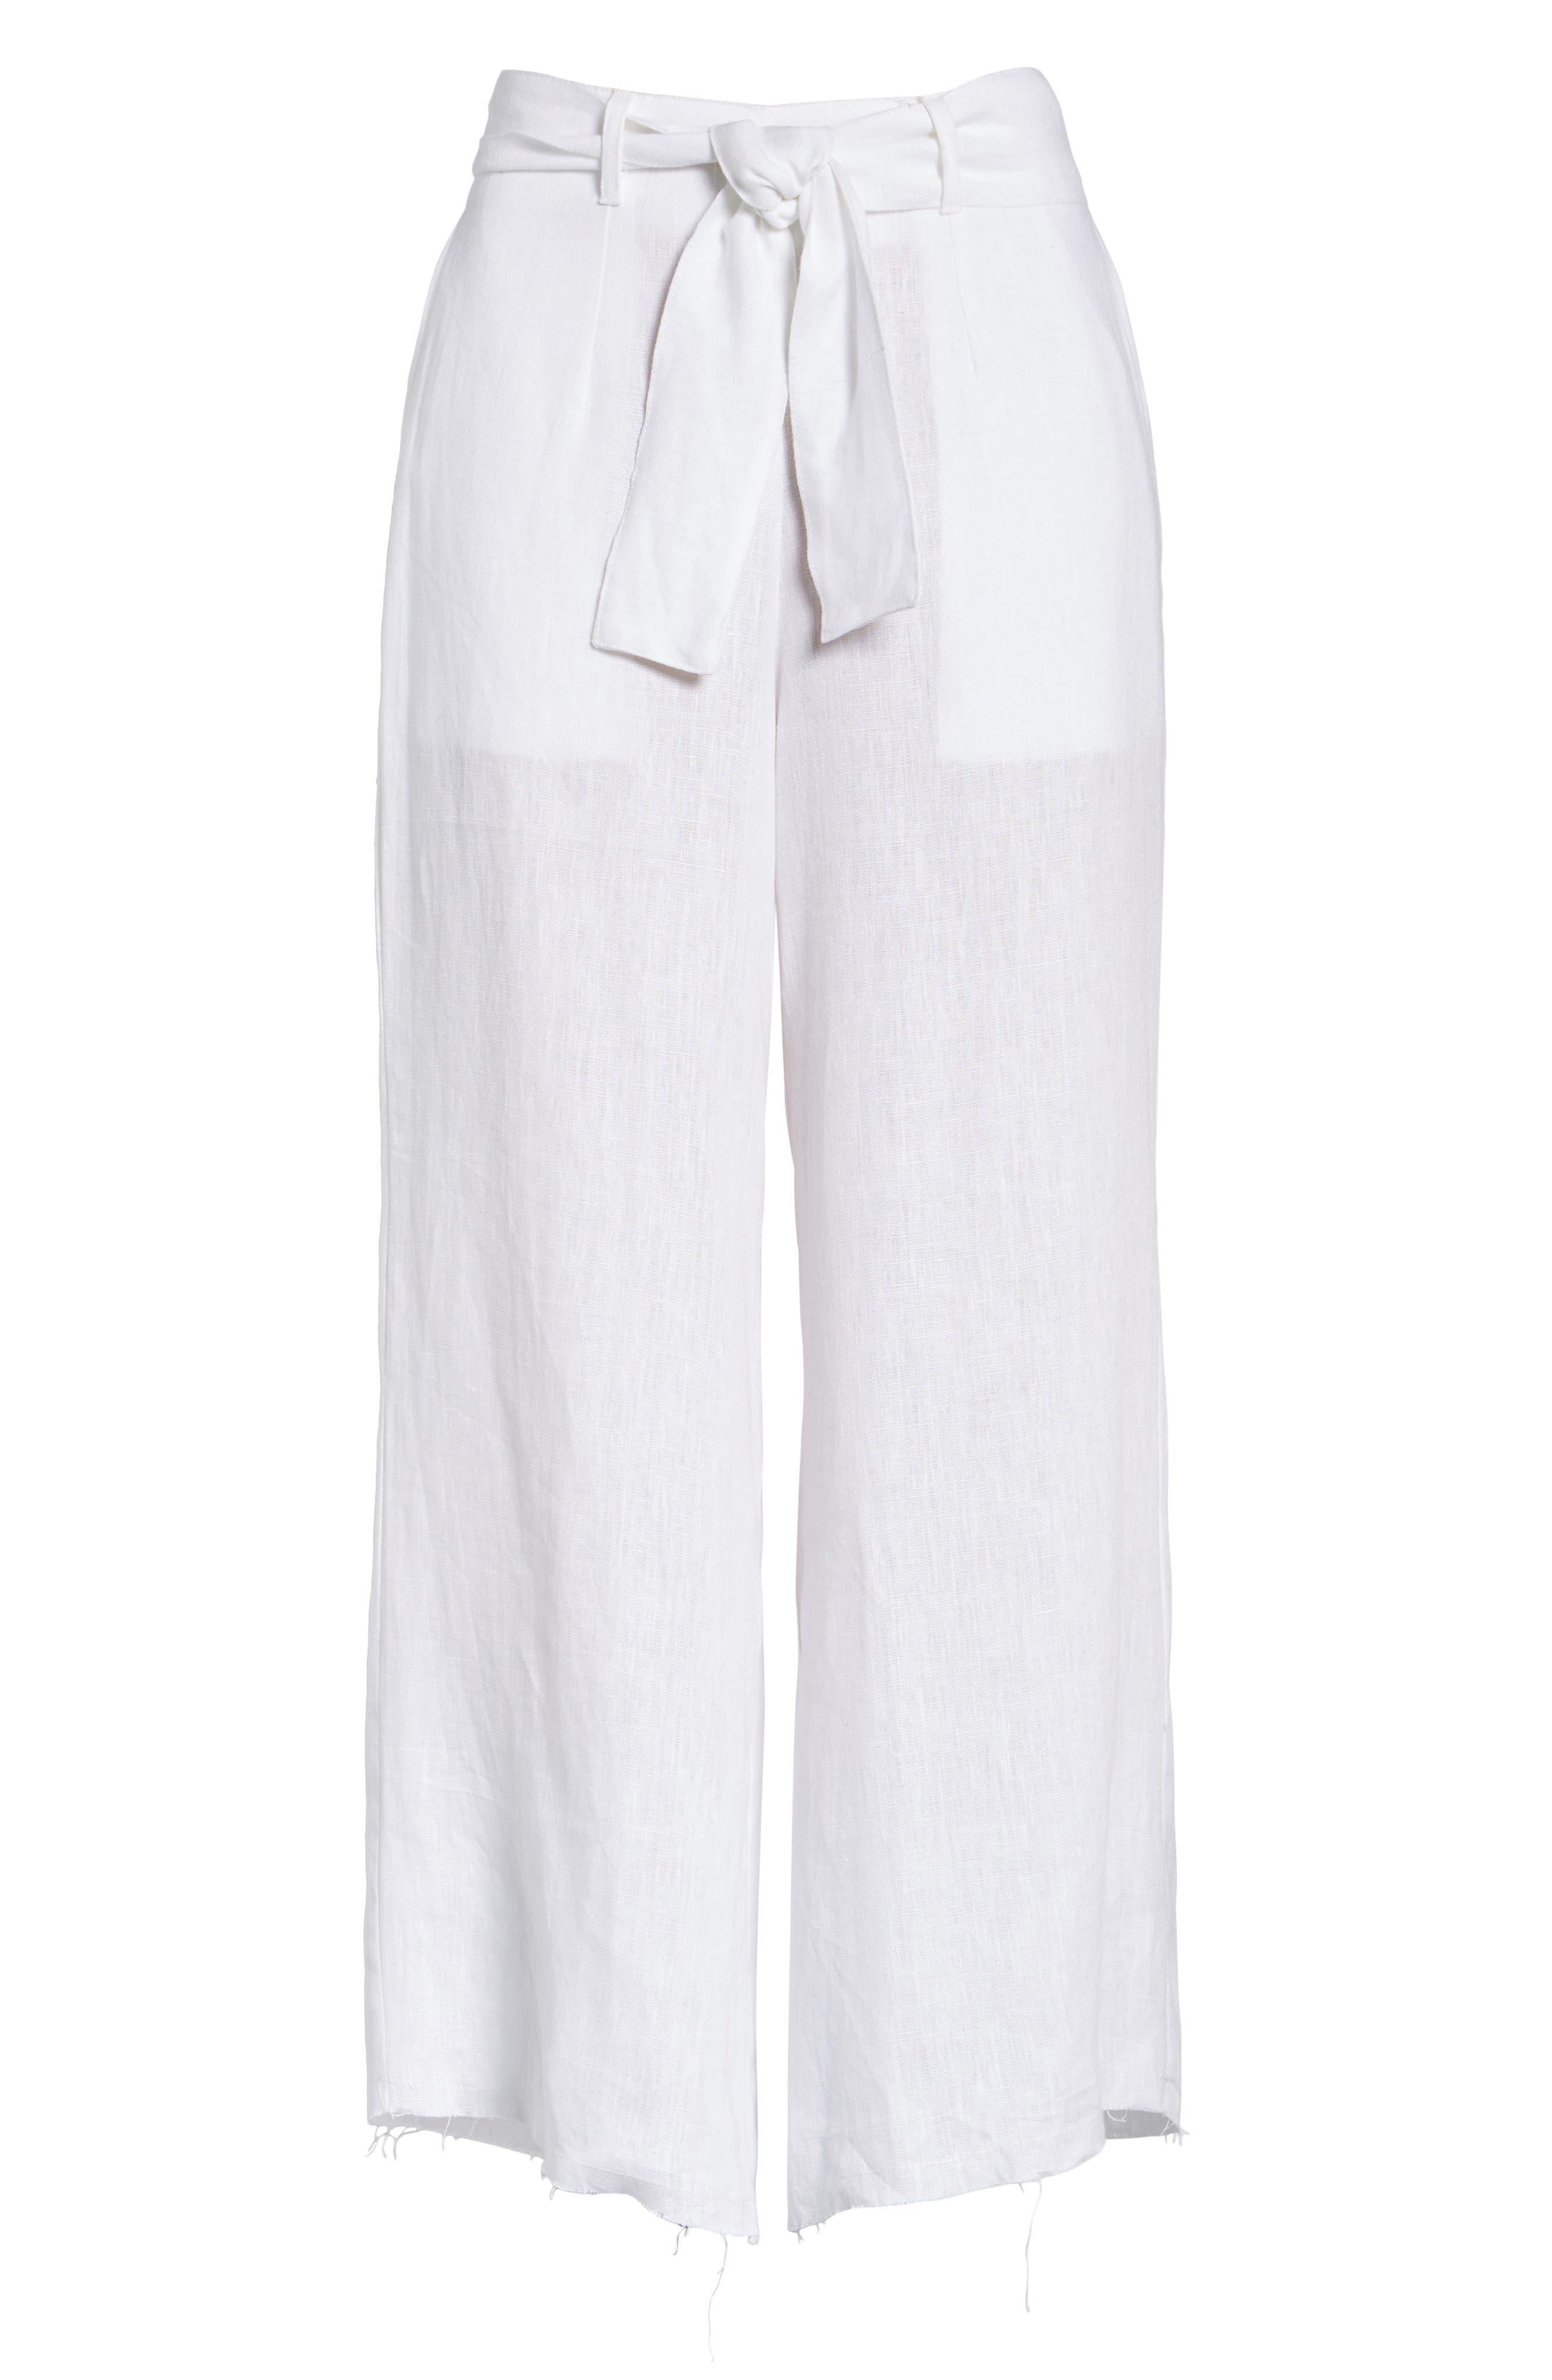 Como Crop Wide Leg Linen Pants,                             Alternate thumbnail 6, color,                             100